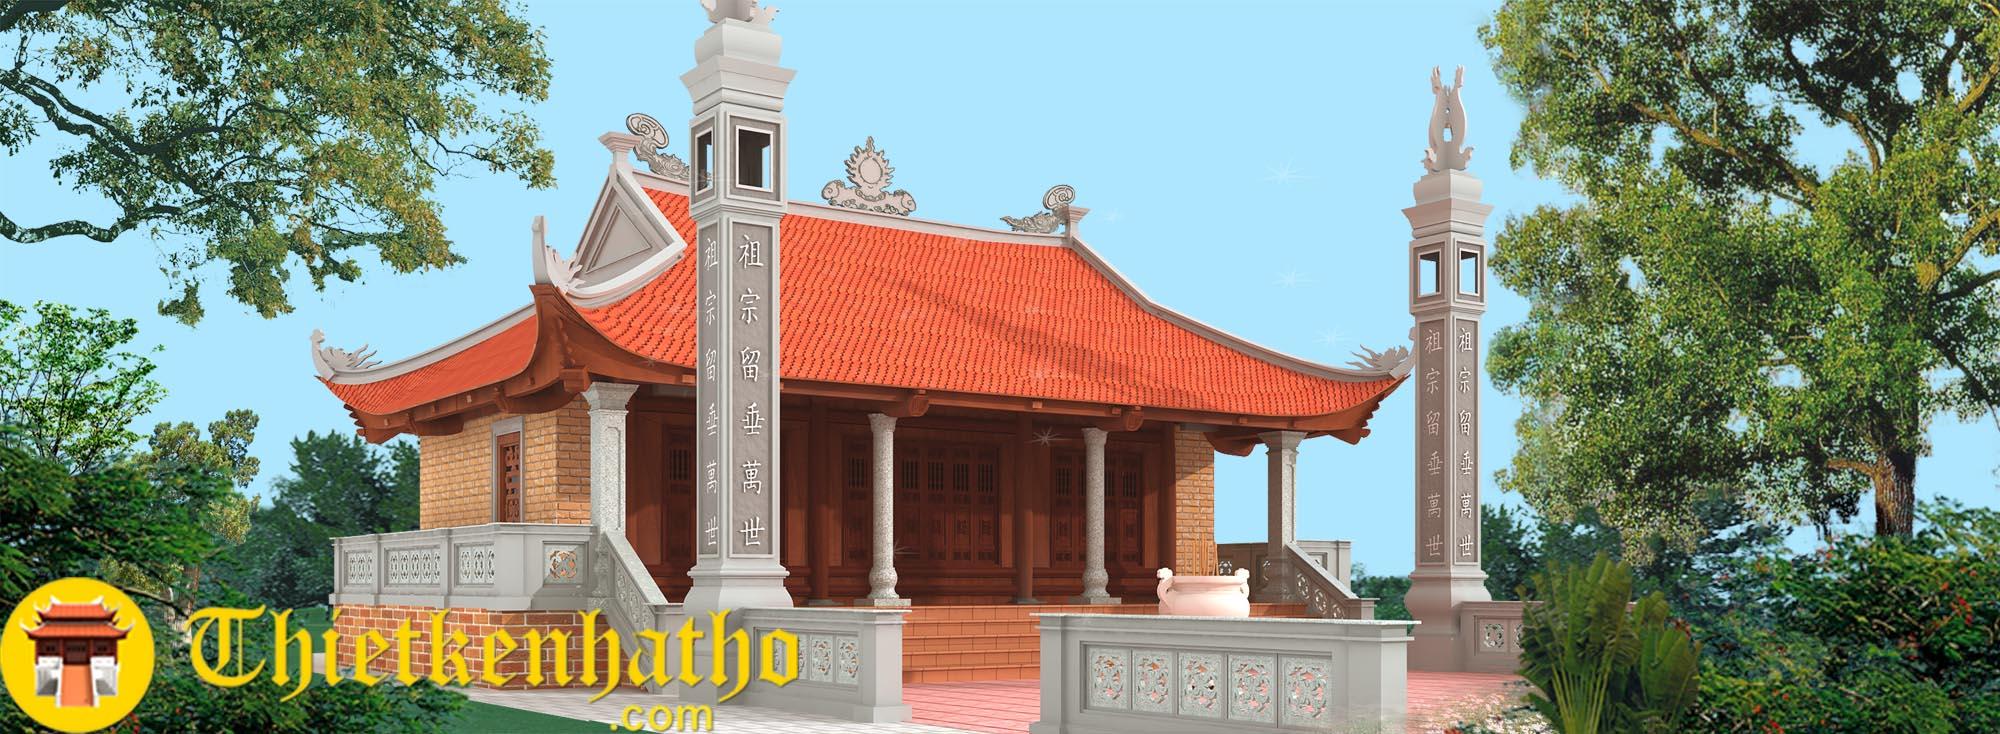 3. Nhà thờ anh Lâm - Yên Thành Nghệ An